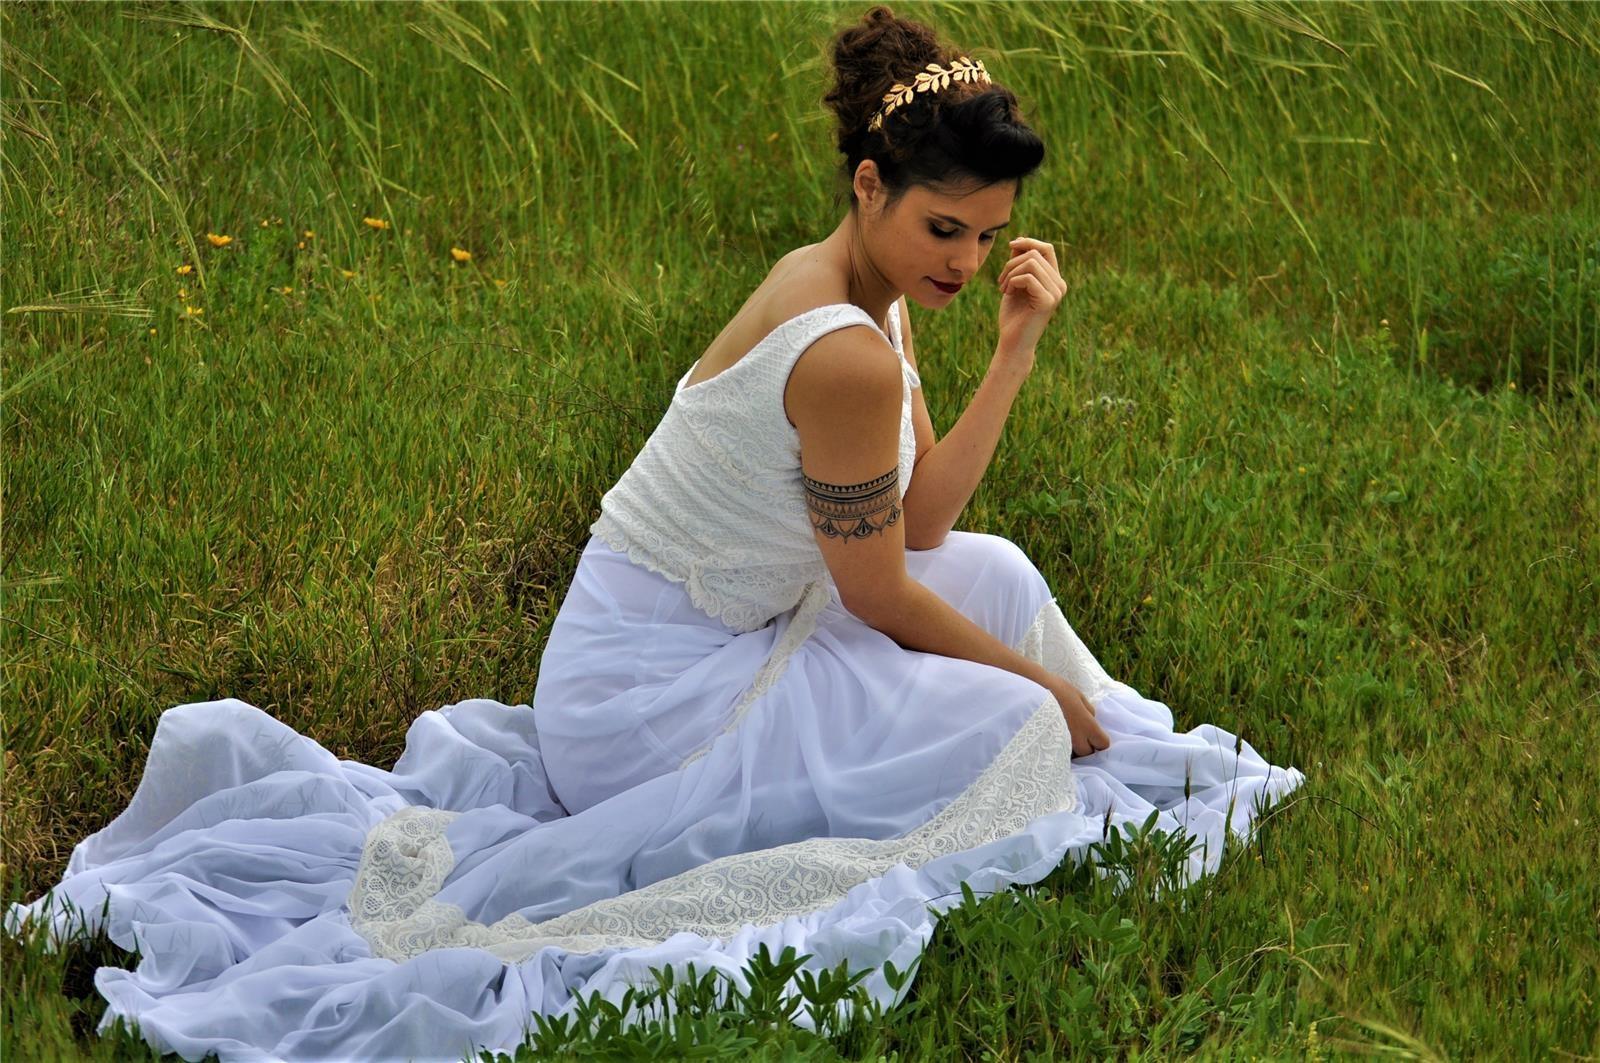 שמלת כלה - דגם הופ של אור טוהר (צילום: באדיבות אור טוהר)